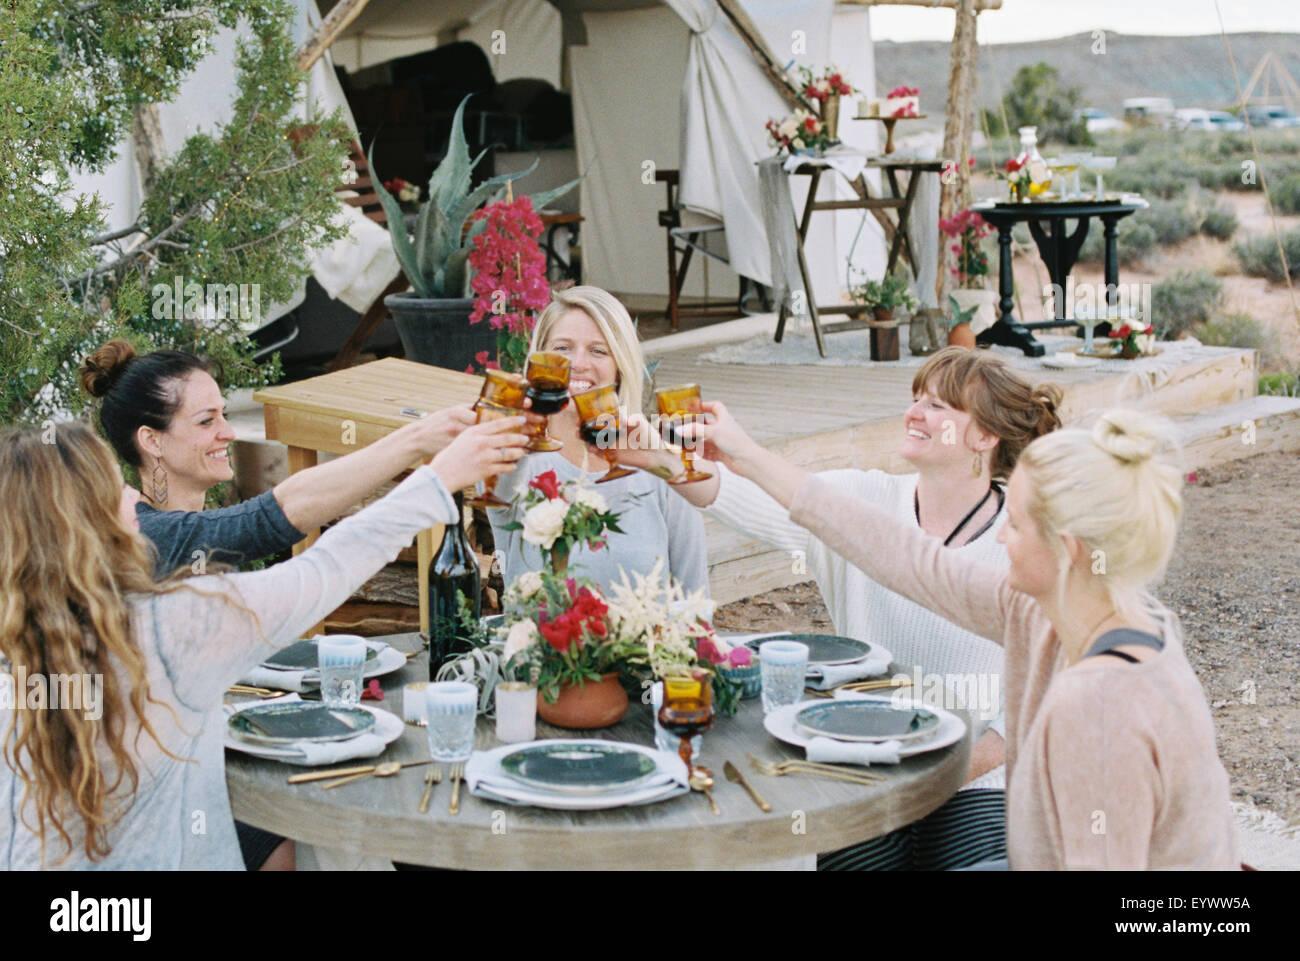 Un groupe de femmes bénéficiant d'un repas en plein air par une grande tente, dans un paysage désertique, Photo Stock